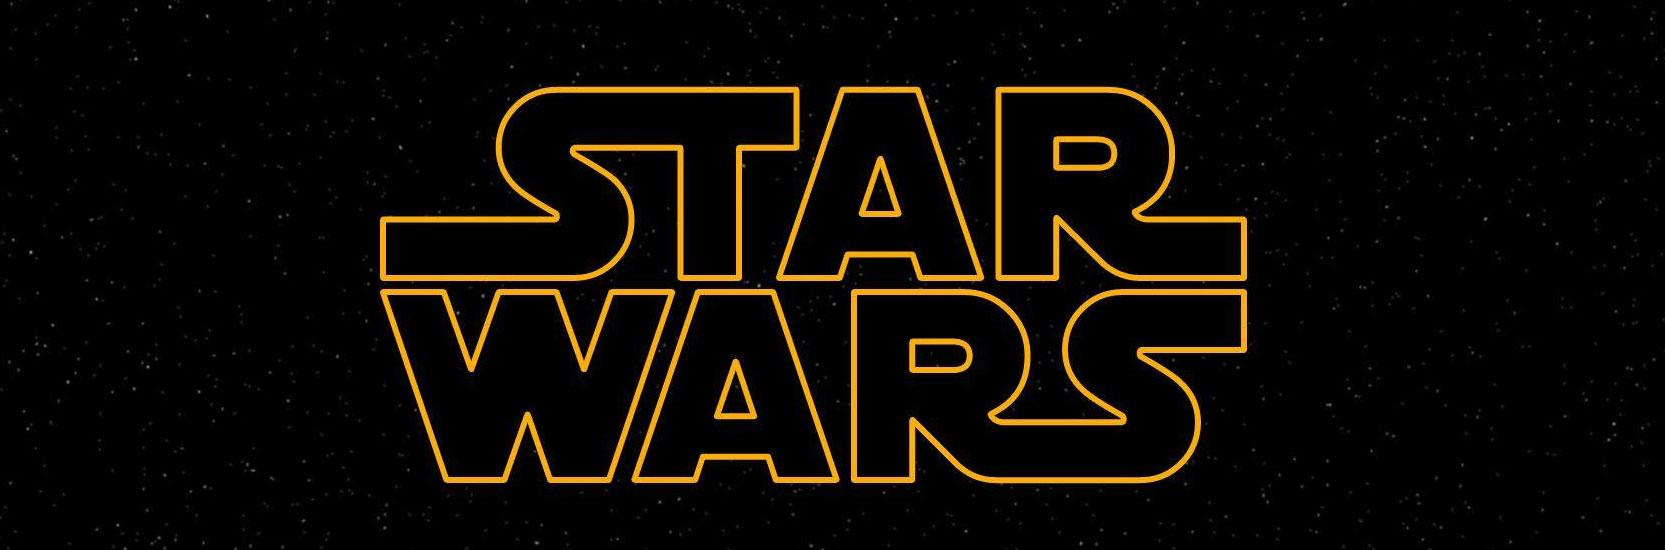 Disney, Star Wars et parodies